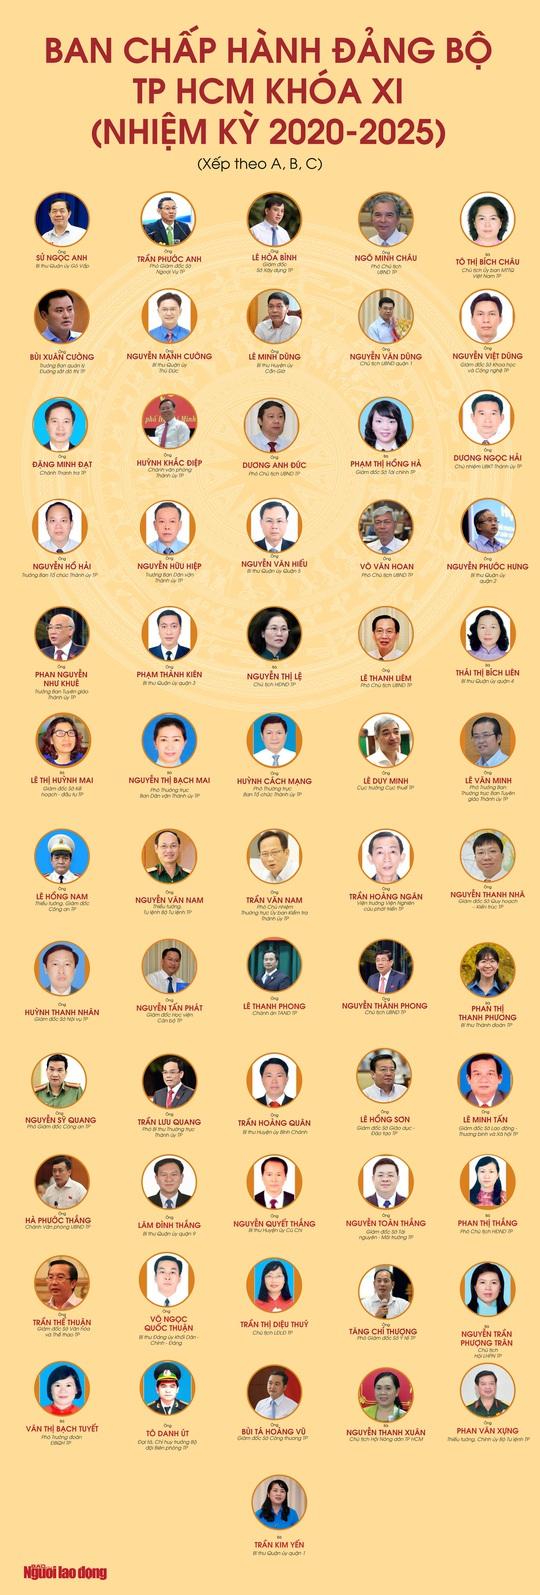 Chân dung 61 ủy viên Ban Chấp hành Đảng bộ TP HCM nhiệm kỳ 2020-2025 - Ảnh 1.